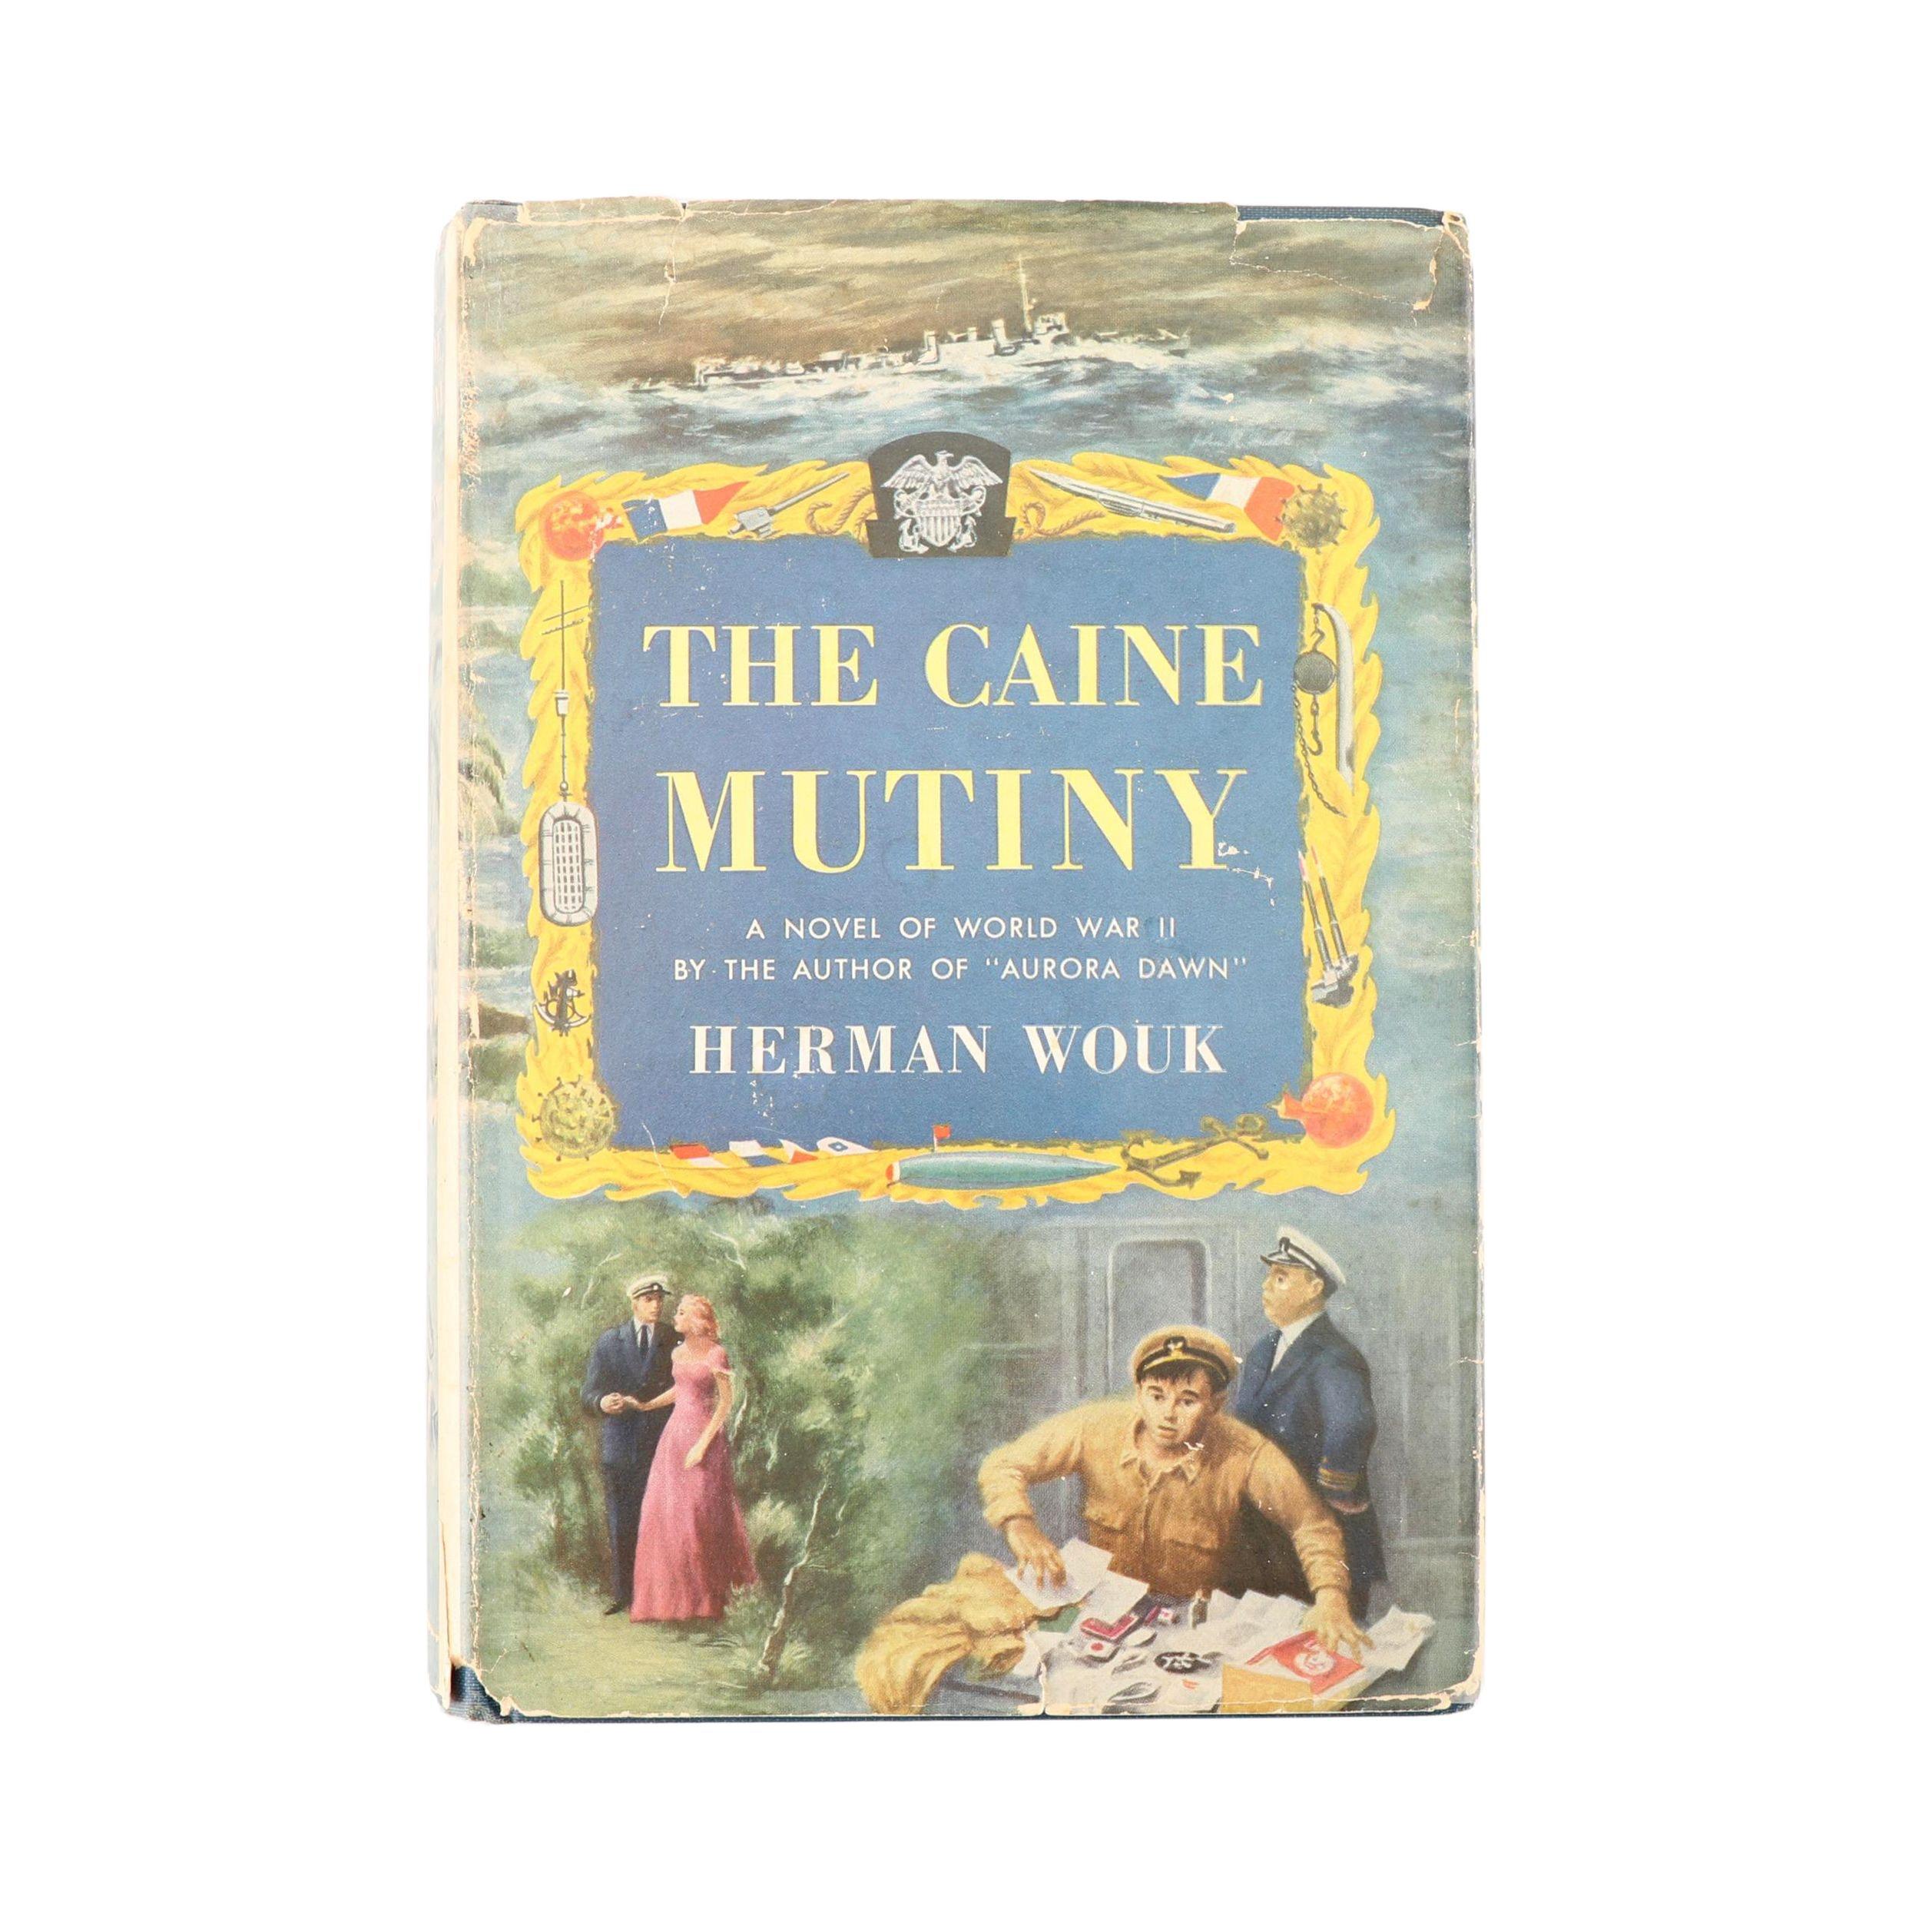 WOUK, Herman, The Caine Mutiny, New York, 1951